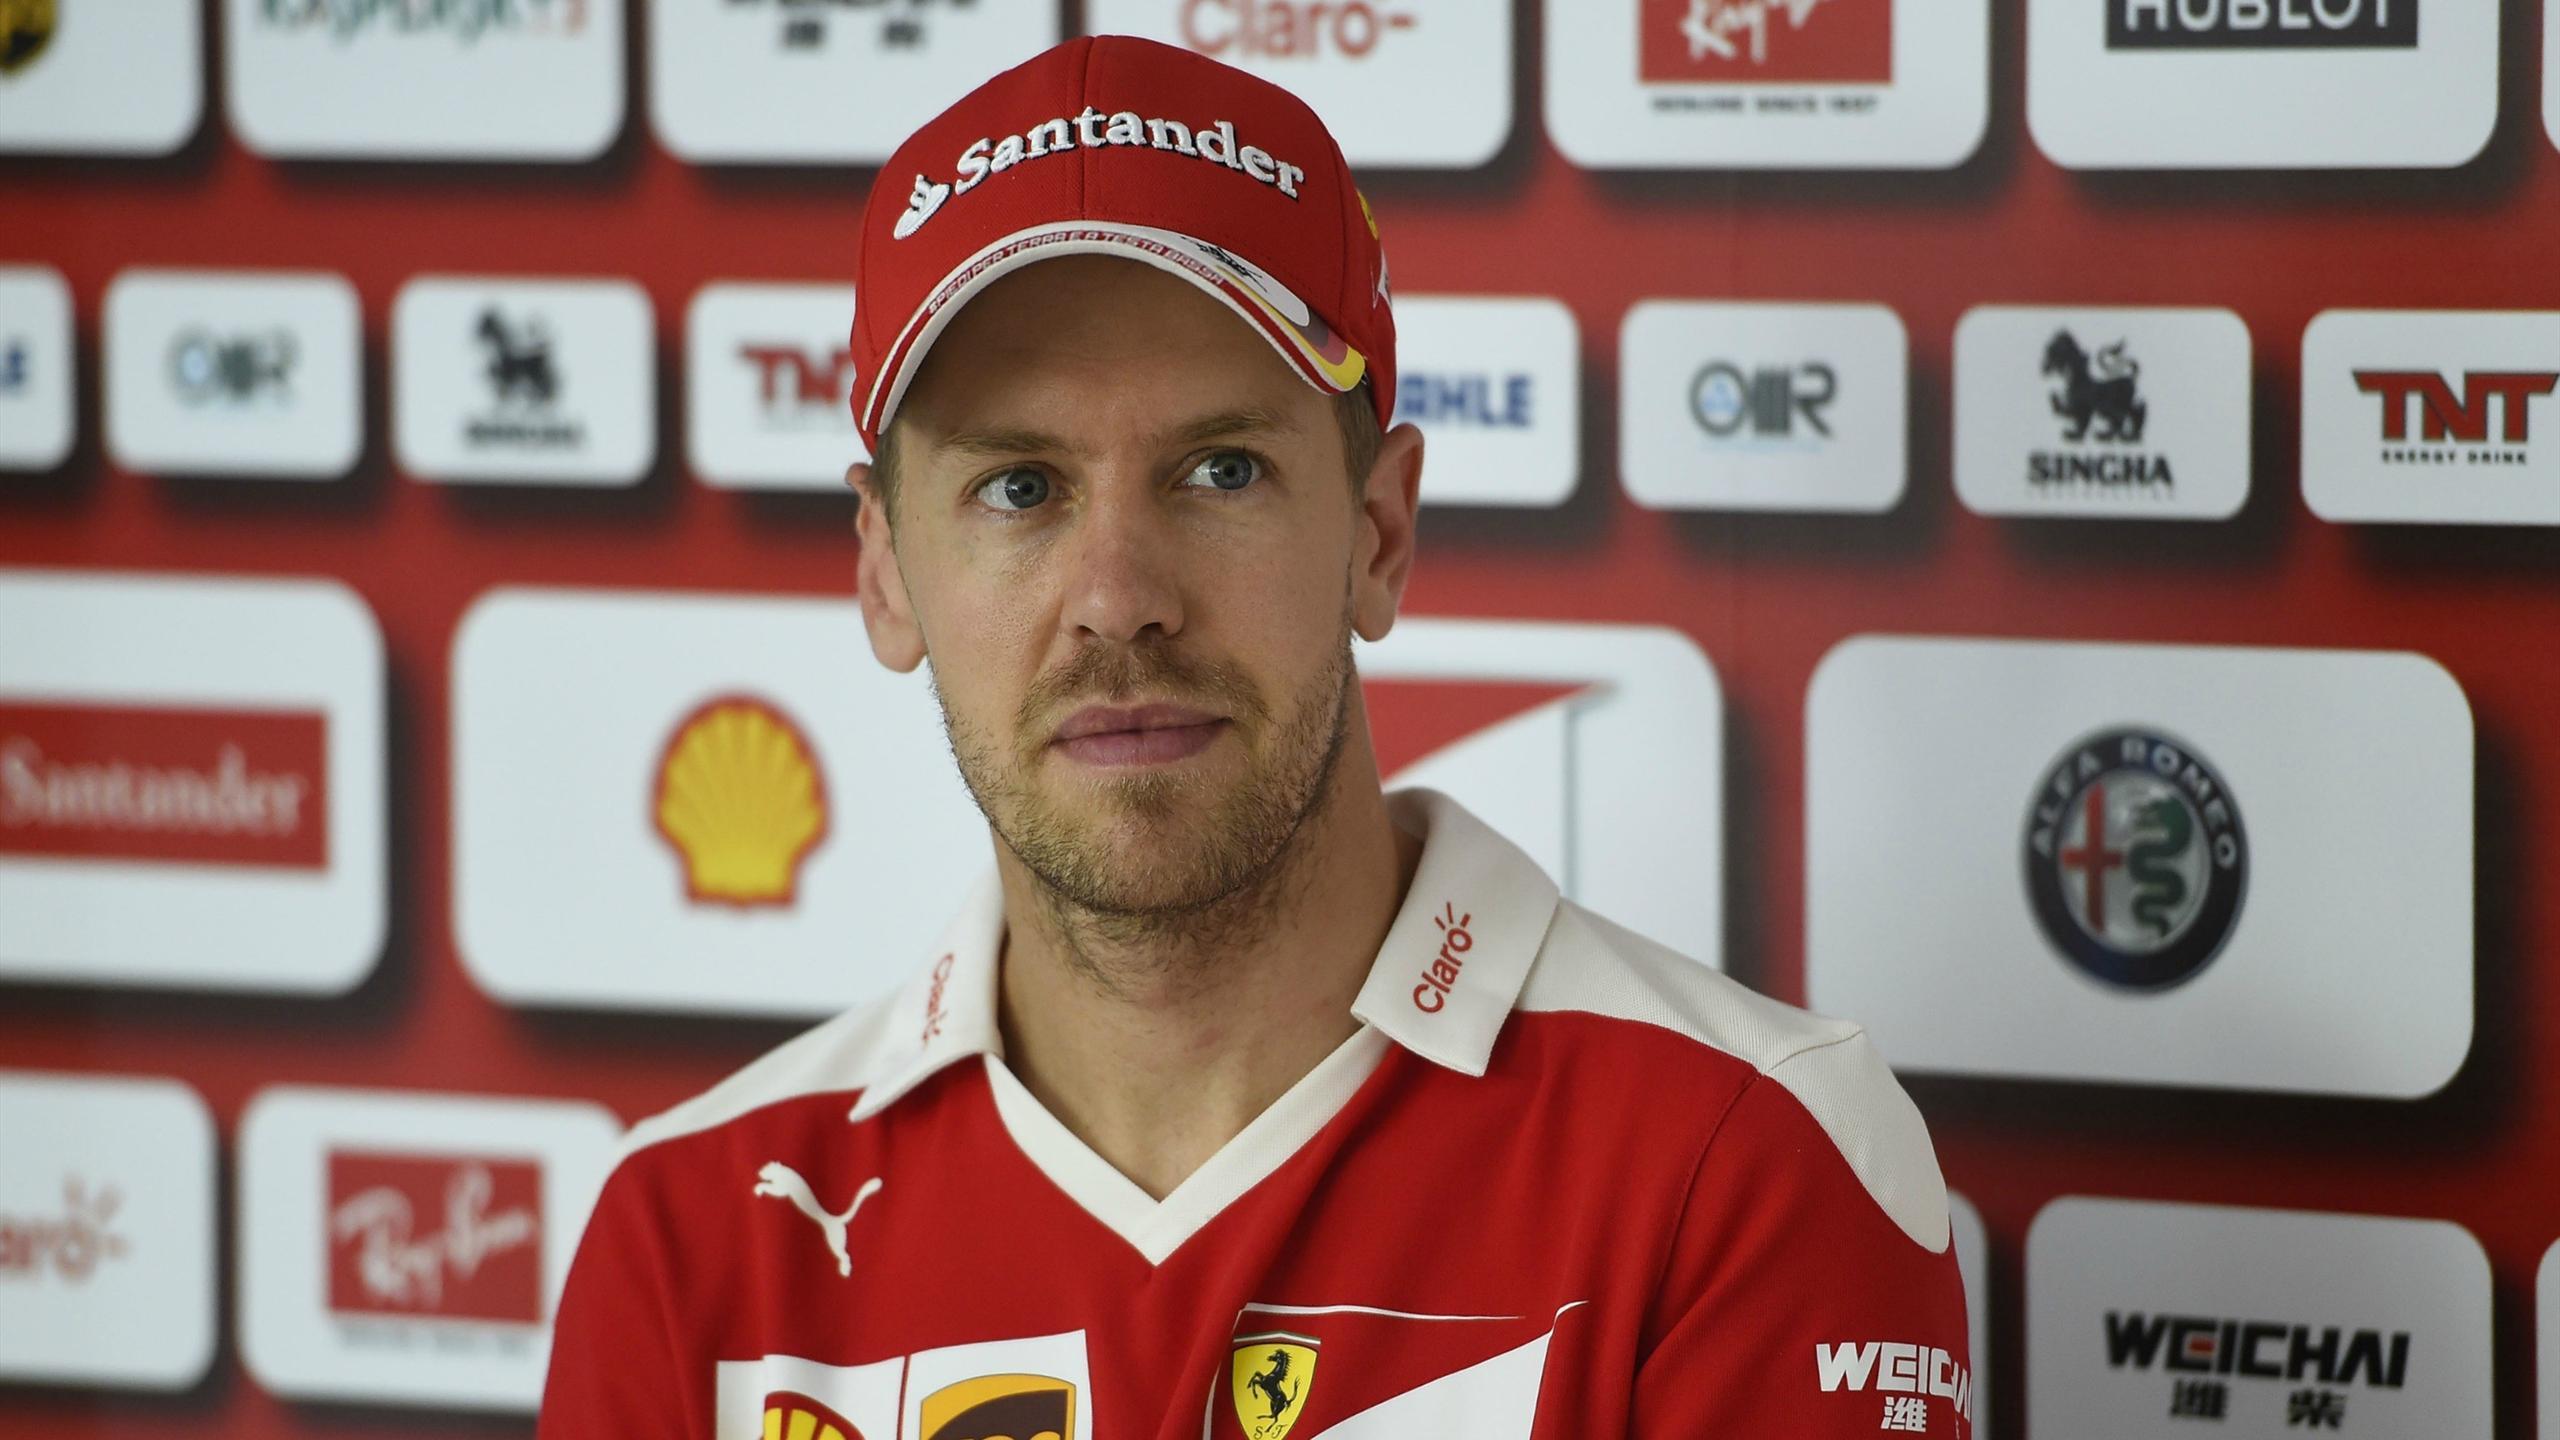 Sebastian Vettel (Ferrari) au Grand Prix de Hongrie 2016